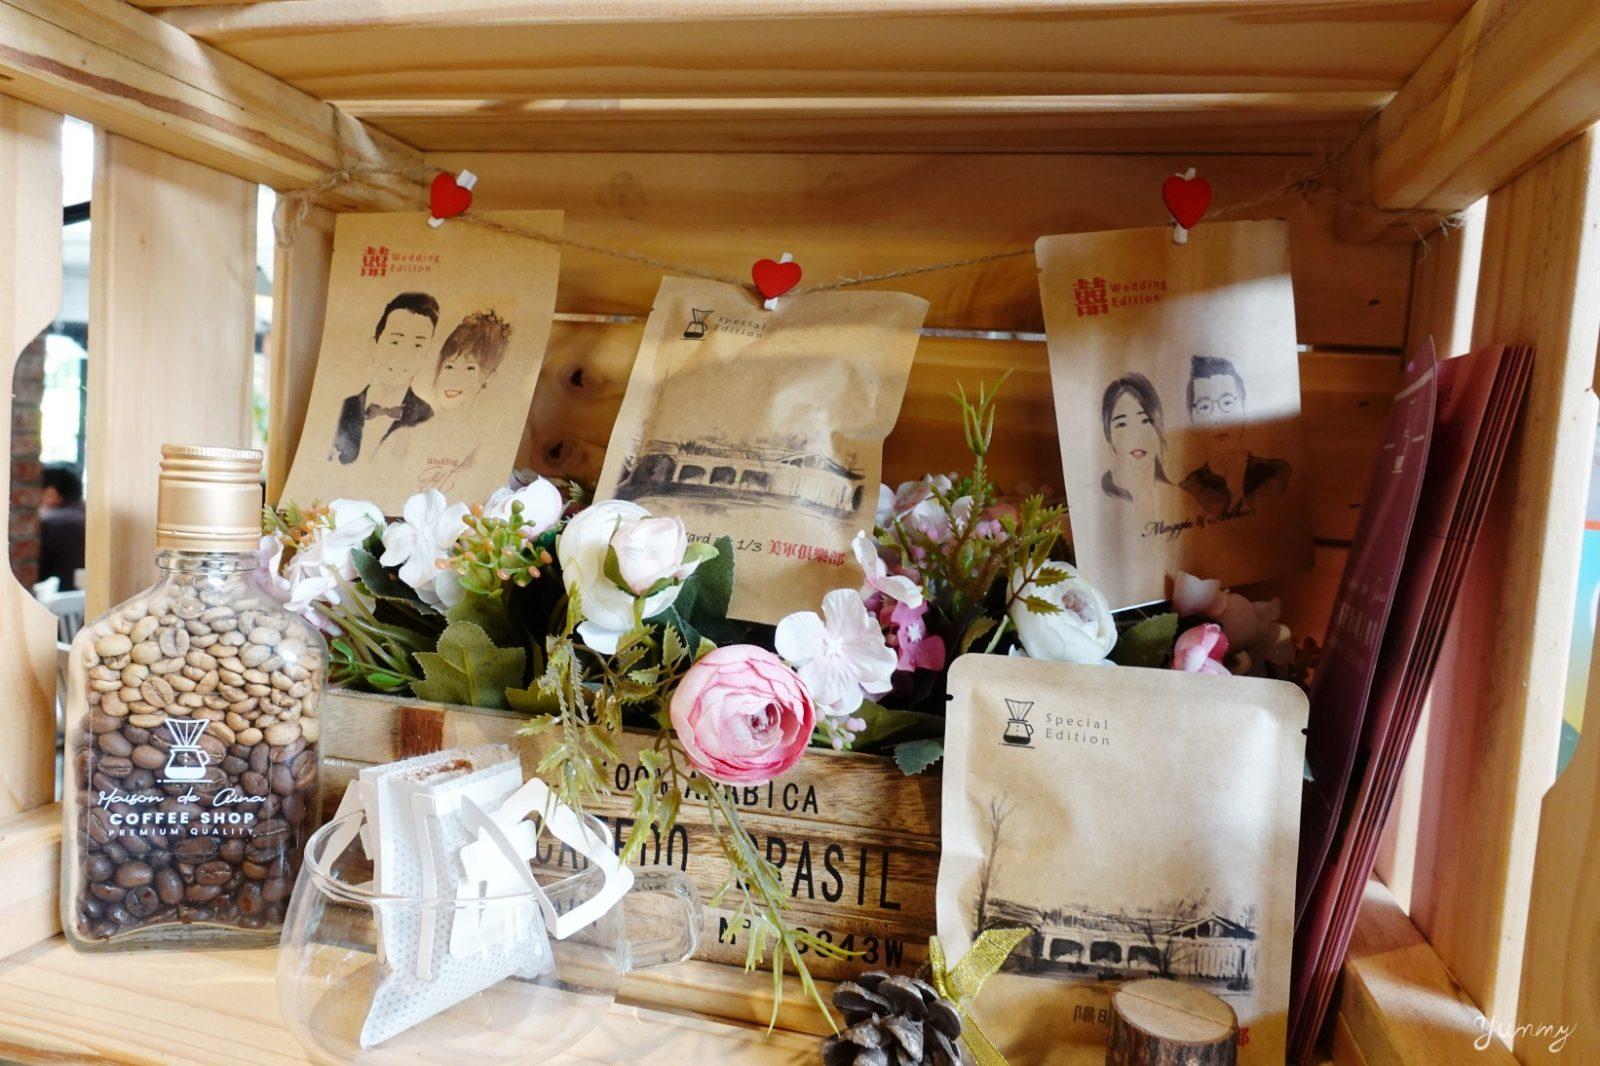 陽明山美食餐廳「美軍俱樂部」絕美場景婚紗勝地~IG打卡熱點!